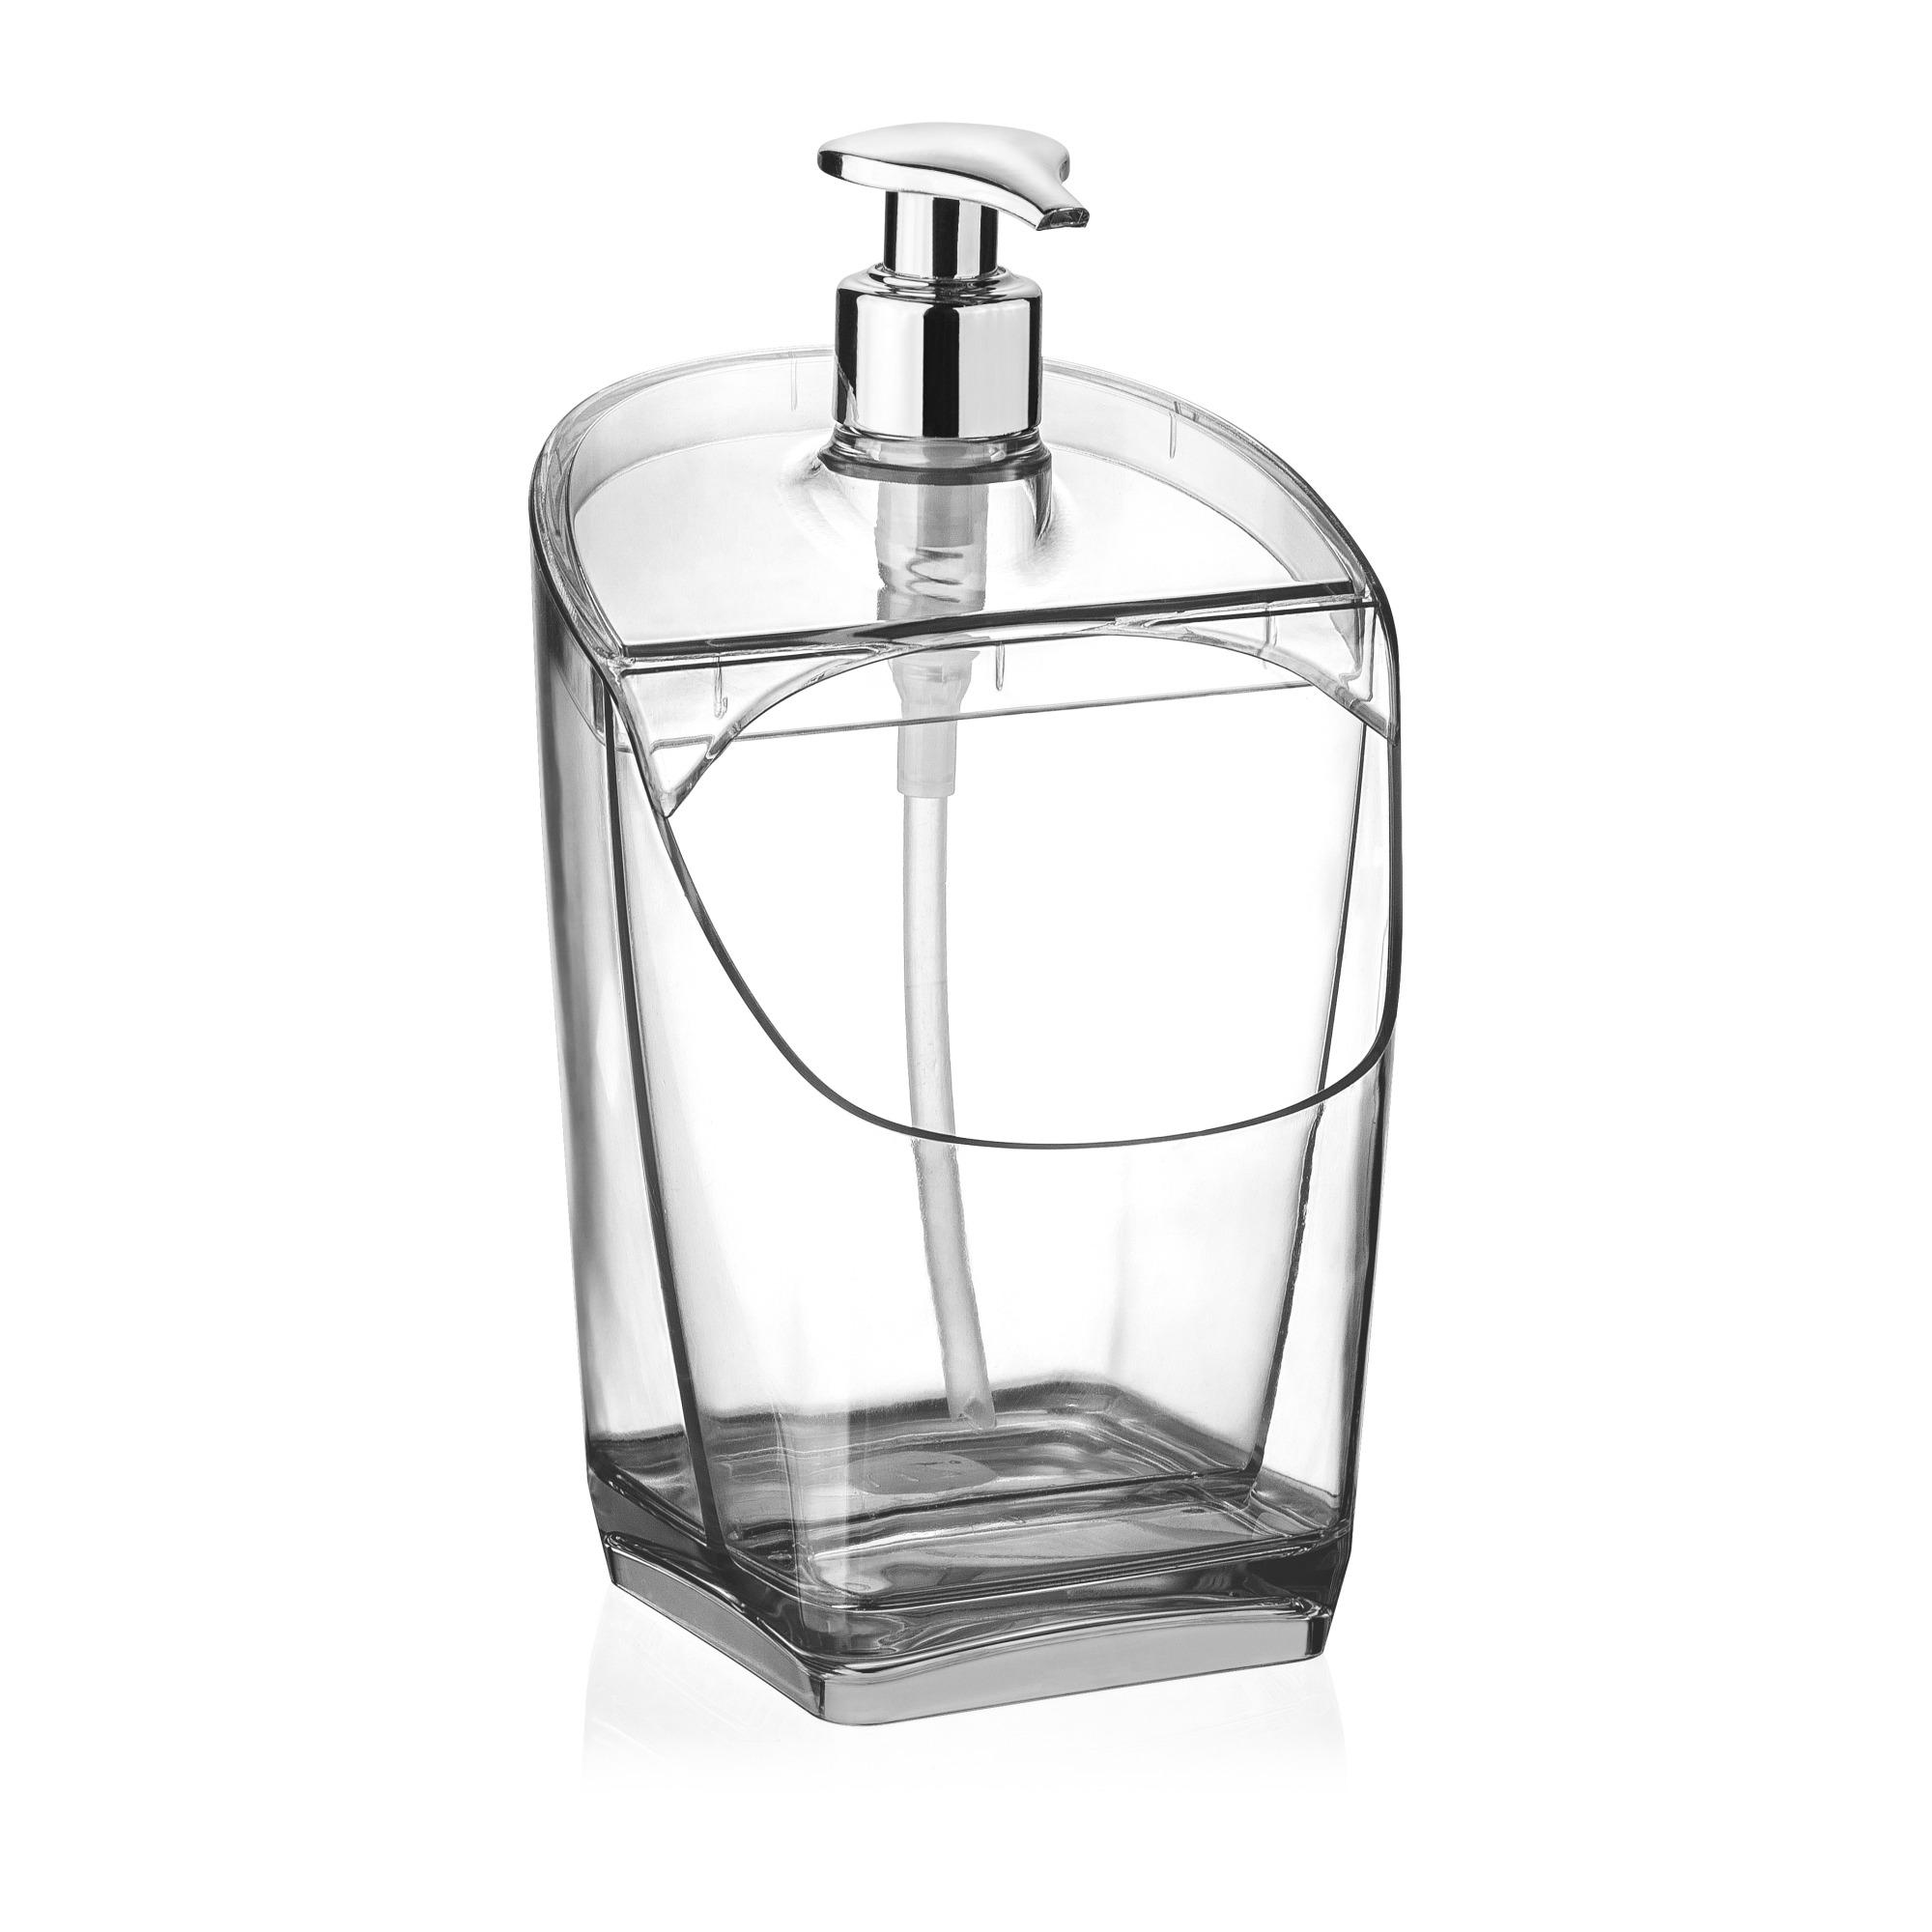 Dispenser com Suporte para Esponja de Plastico 500ml Transparente - UZ354 - Uz